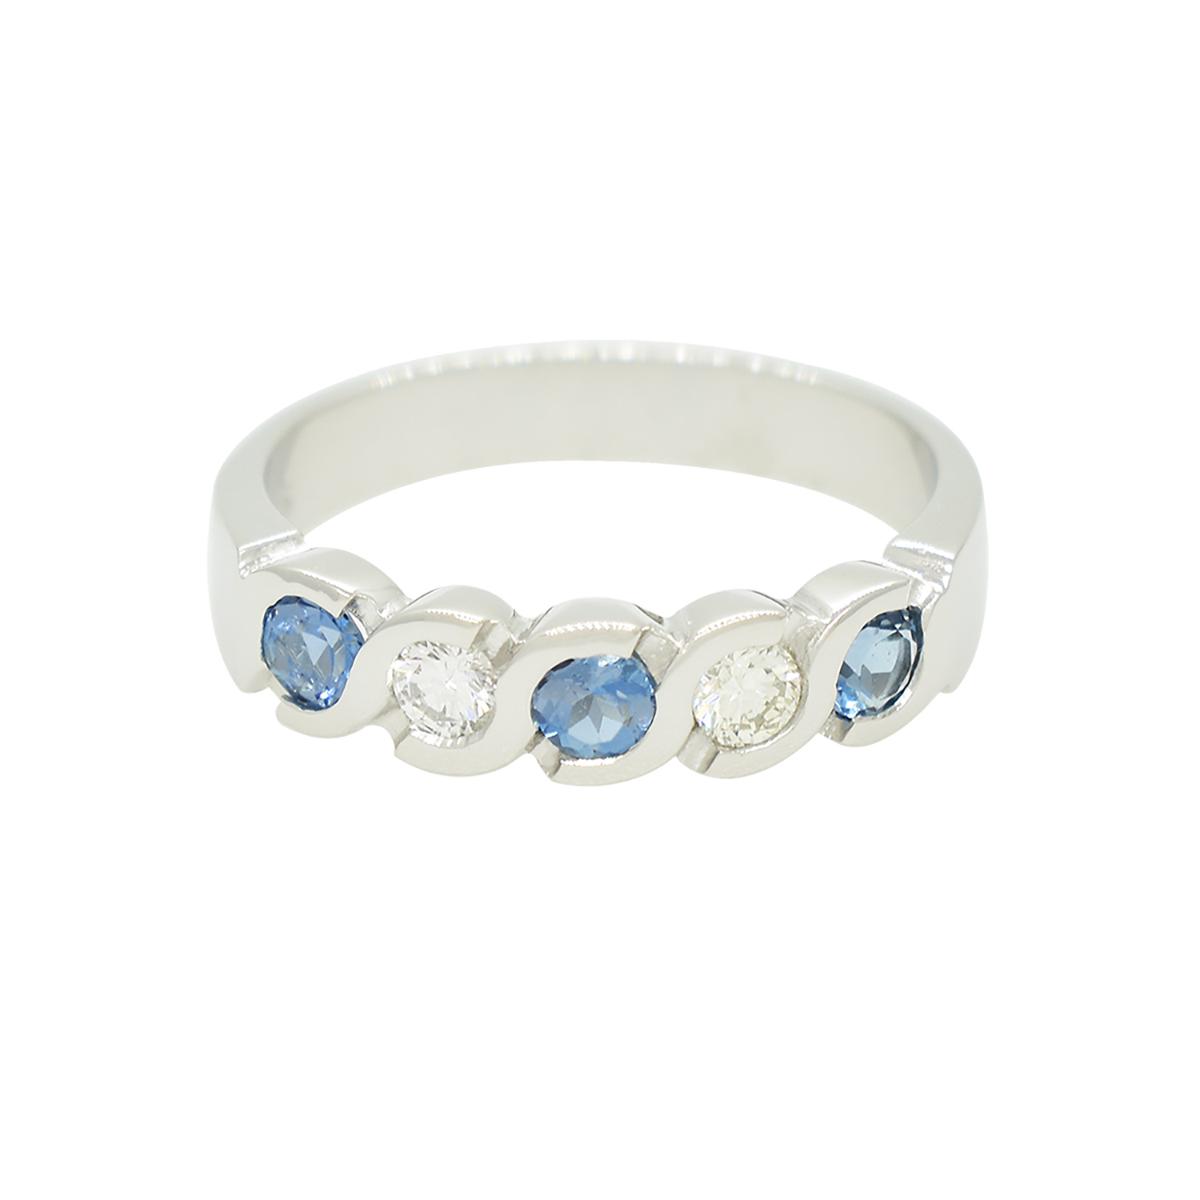 aquamarine-and-diamond-wedding-ring-band-in-18k-white-gold-bezel-setting-